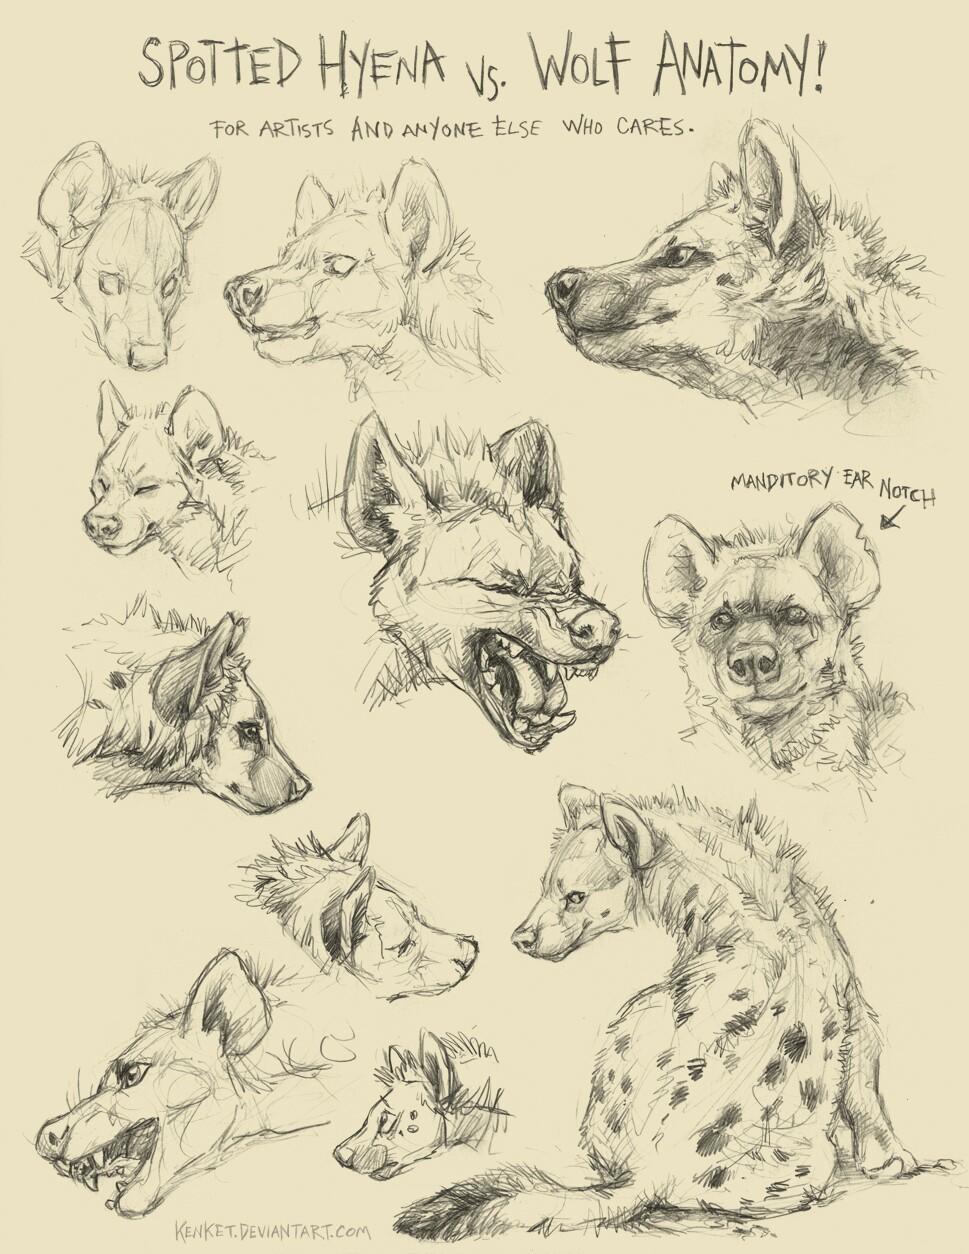 969x1254 Learning To Draw Freya's Hyena Form Workshop Hyena